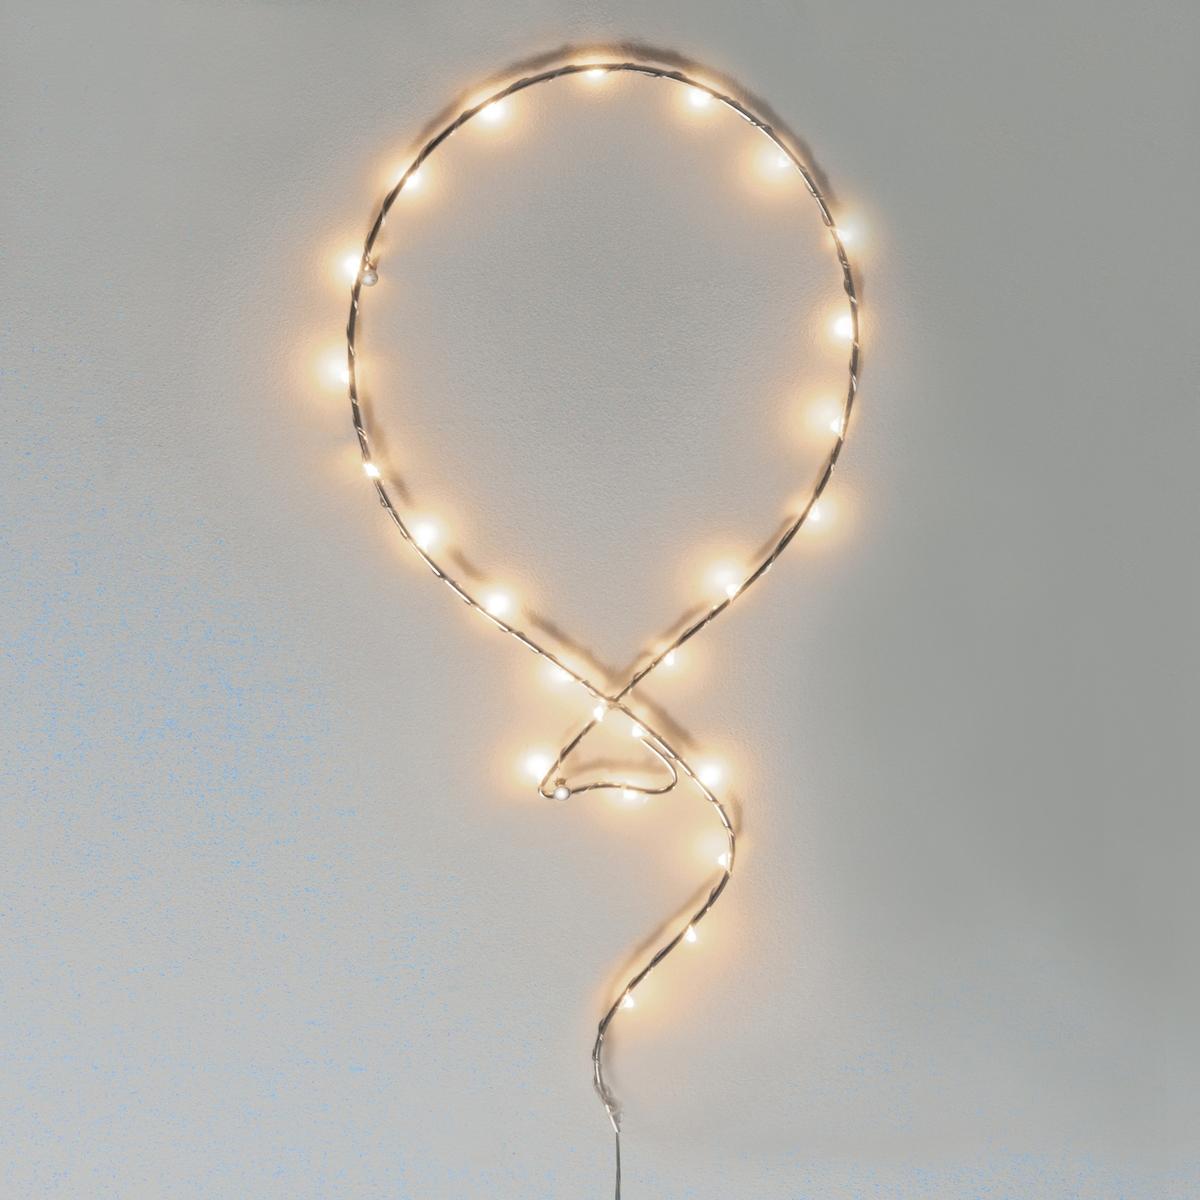 Шар светящийся BumbumСветящееся настенное украшение Bumbum. Подходит для современного интерьера, украшение придаст оригинальности вашему декору благодаря рассеянному освещению.Описание настенного украшения Bumbum :Настенный светильник с миниатюрными светодиодами.25 несменных миниатюрных светодиодовРаботает от трансформатора 3 В (в комплекте).Электрический провод 3 м. Характеристики настенного украшения Bumbum :Из металла с хромированным покрытием.Использовать только внутри помещения . Размеры настенного украшения Bumbum :Высота 54 см, длина 20 см.Размеры и вес посылки: 1 посылкаШ.51 x Г.22 x В.6 см.0,7 кг<br><br>Цвет: темно-серый<br>Размер: единый размер